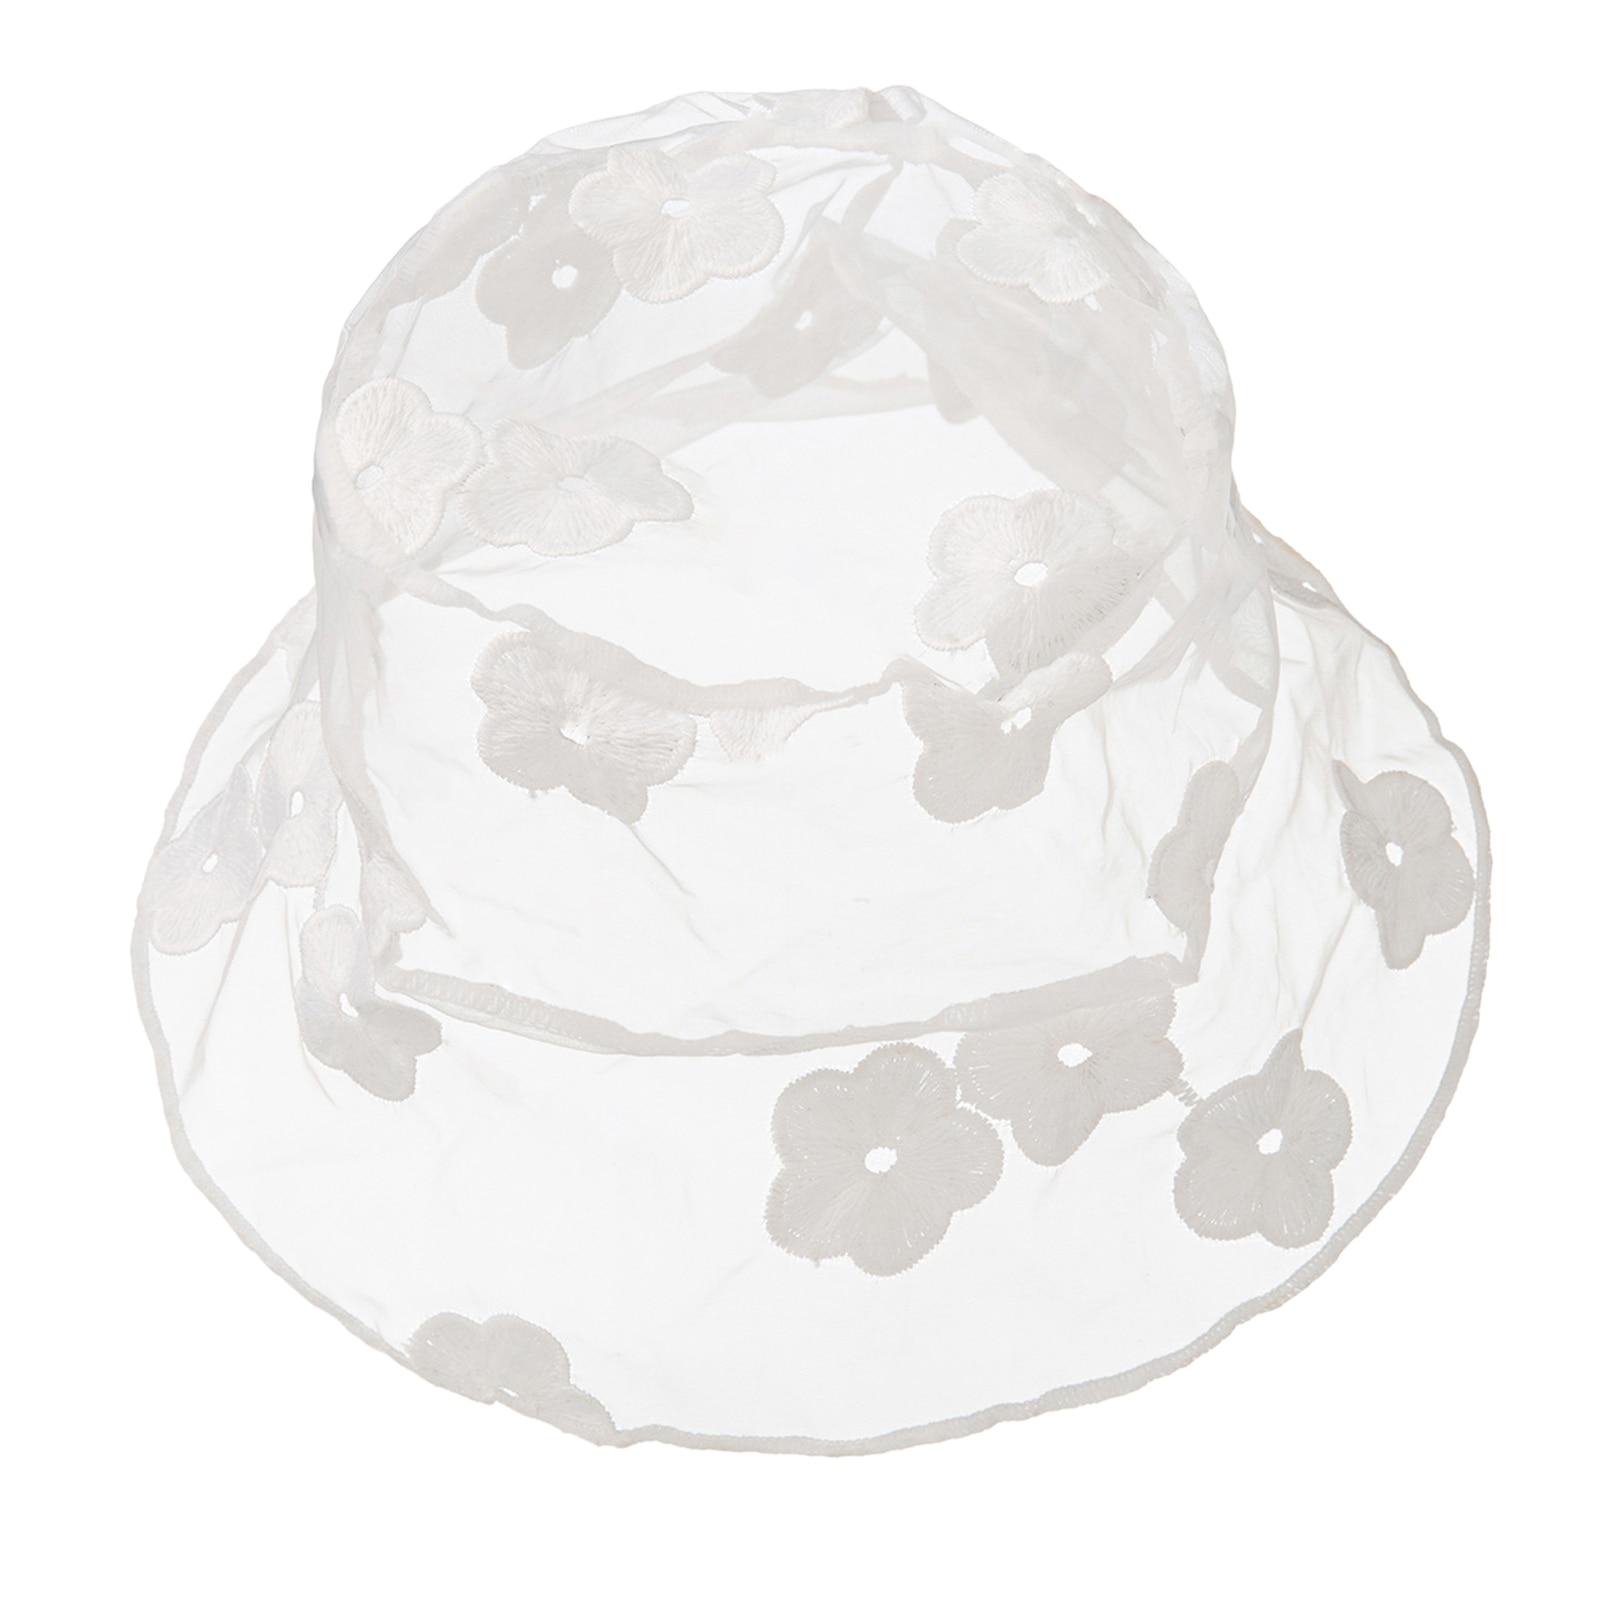 Lace Hat for Women Flower Bucket Hat Floppy Hollow Summer Fisherman Sun Hats